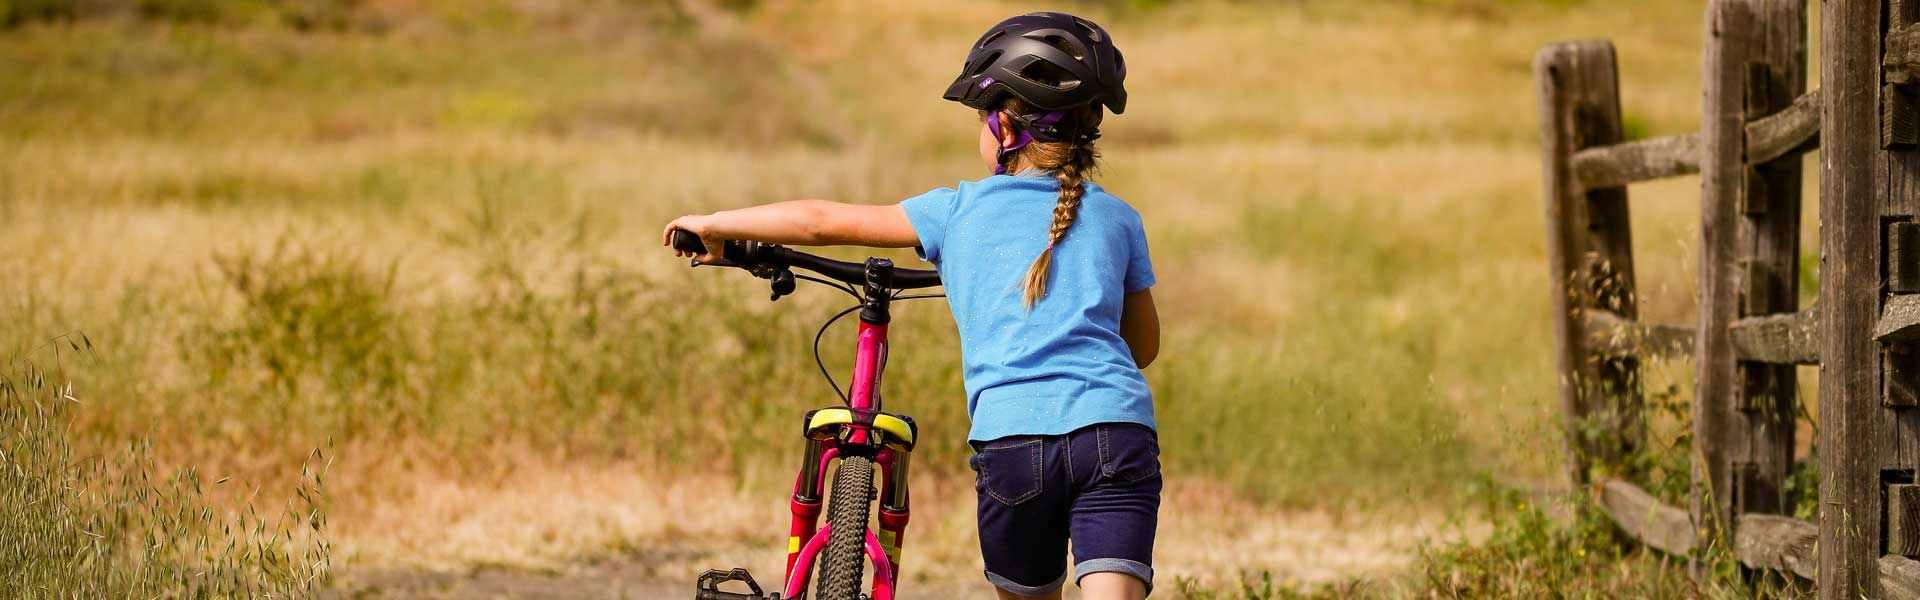 Cómo enseñar a tu hijo a montar en bici – Ideas y consejos originales